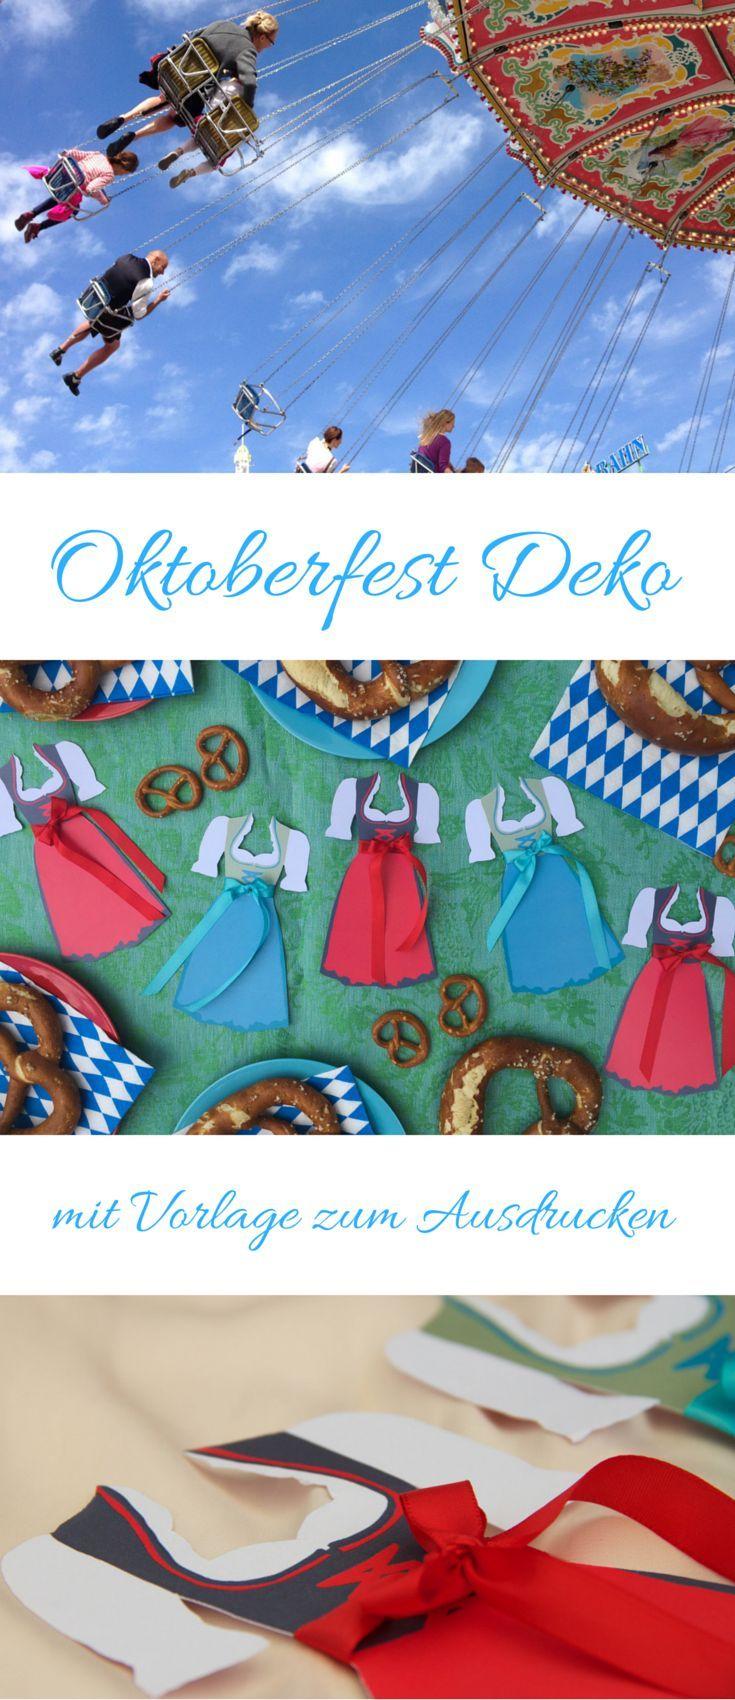 Oktoberfest Dirndl und Partyideen